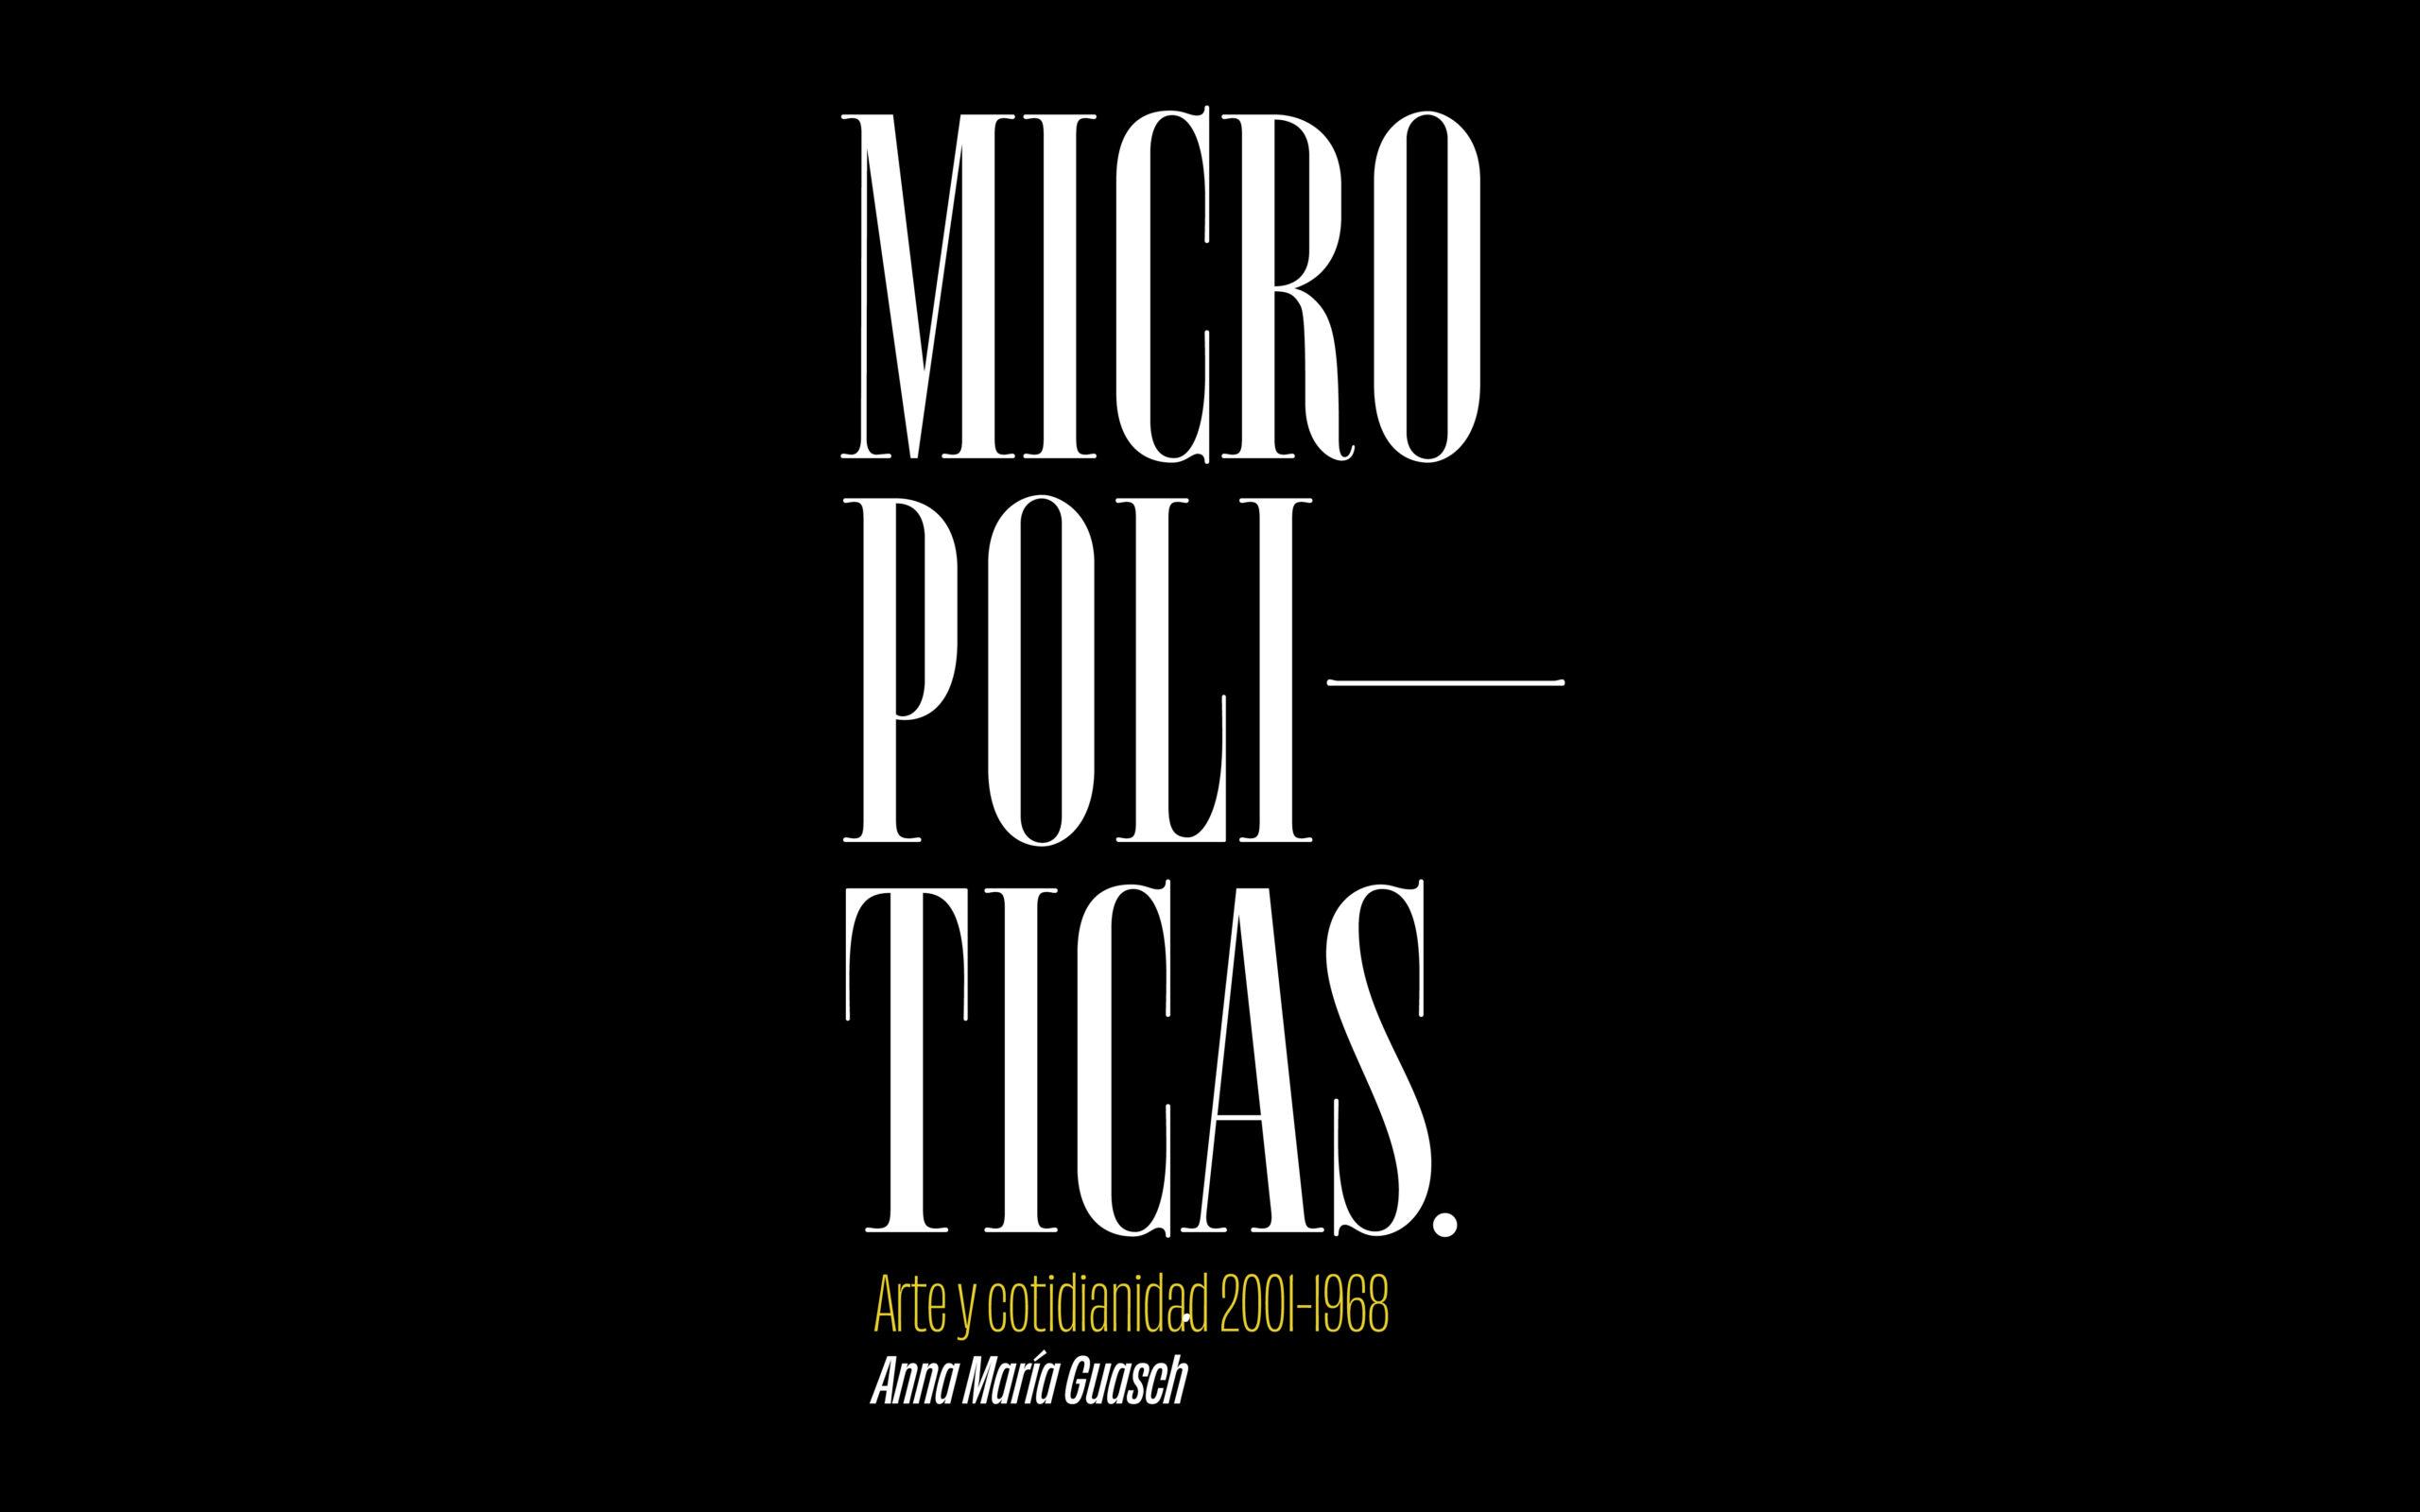 Portada Micropolíticas03_Rebeca Anaya-Anna María Guasch_Farolito